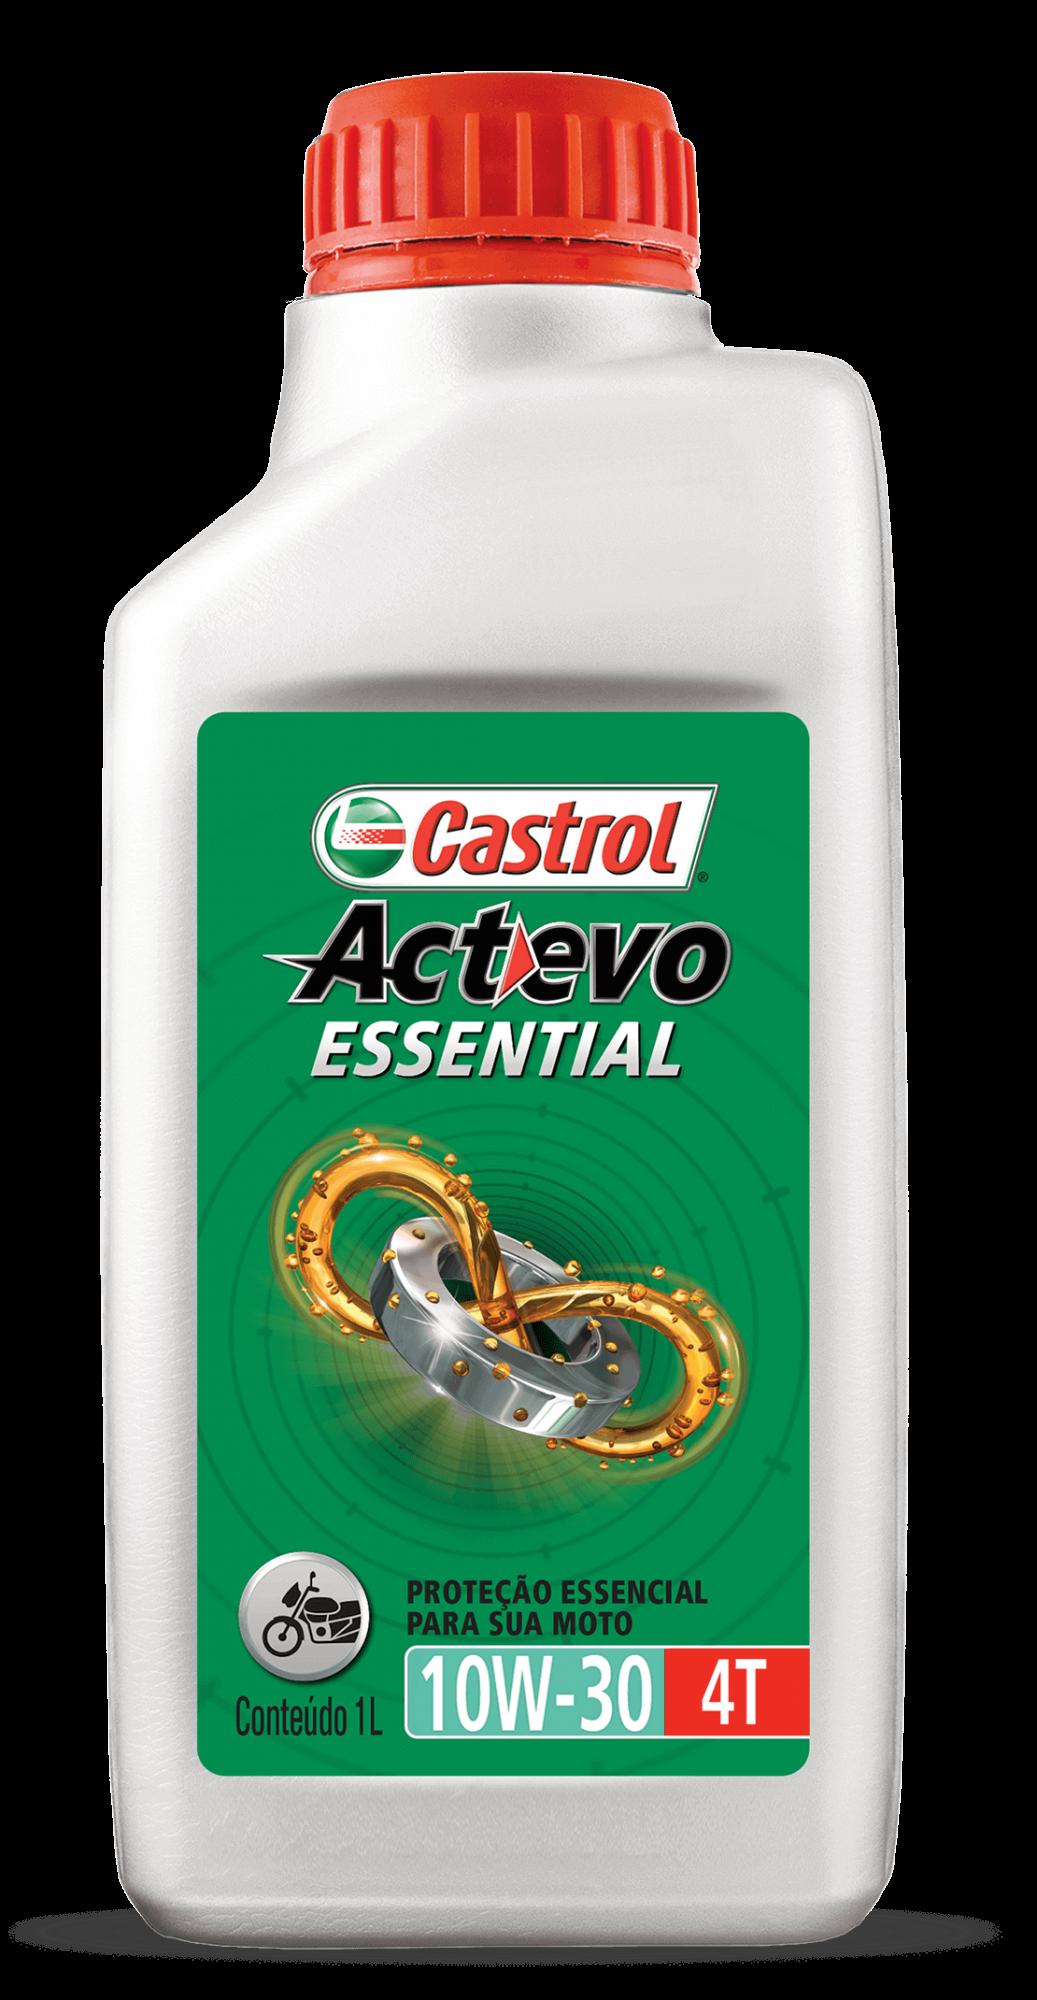 ÓLEO CASTROL ACTEVO ESSENTIAL 10W30 4T 1L